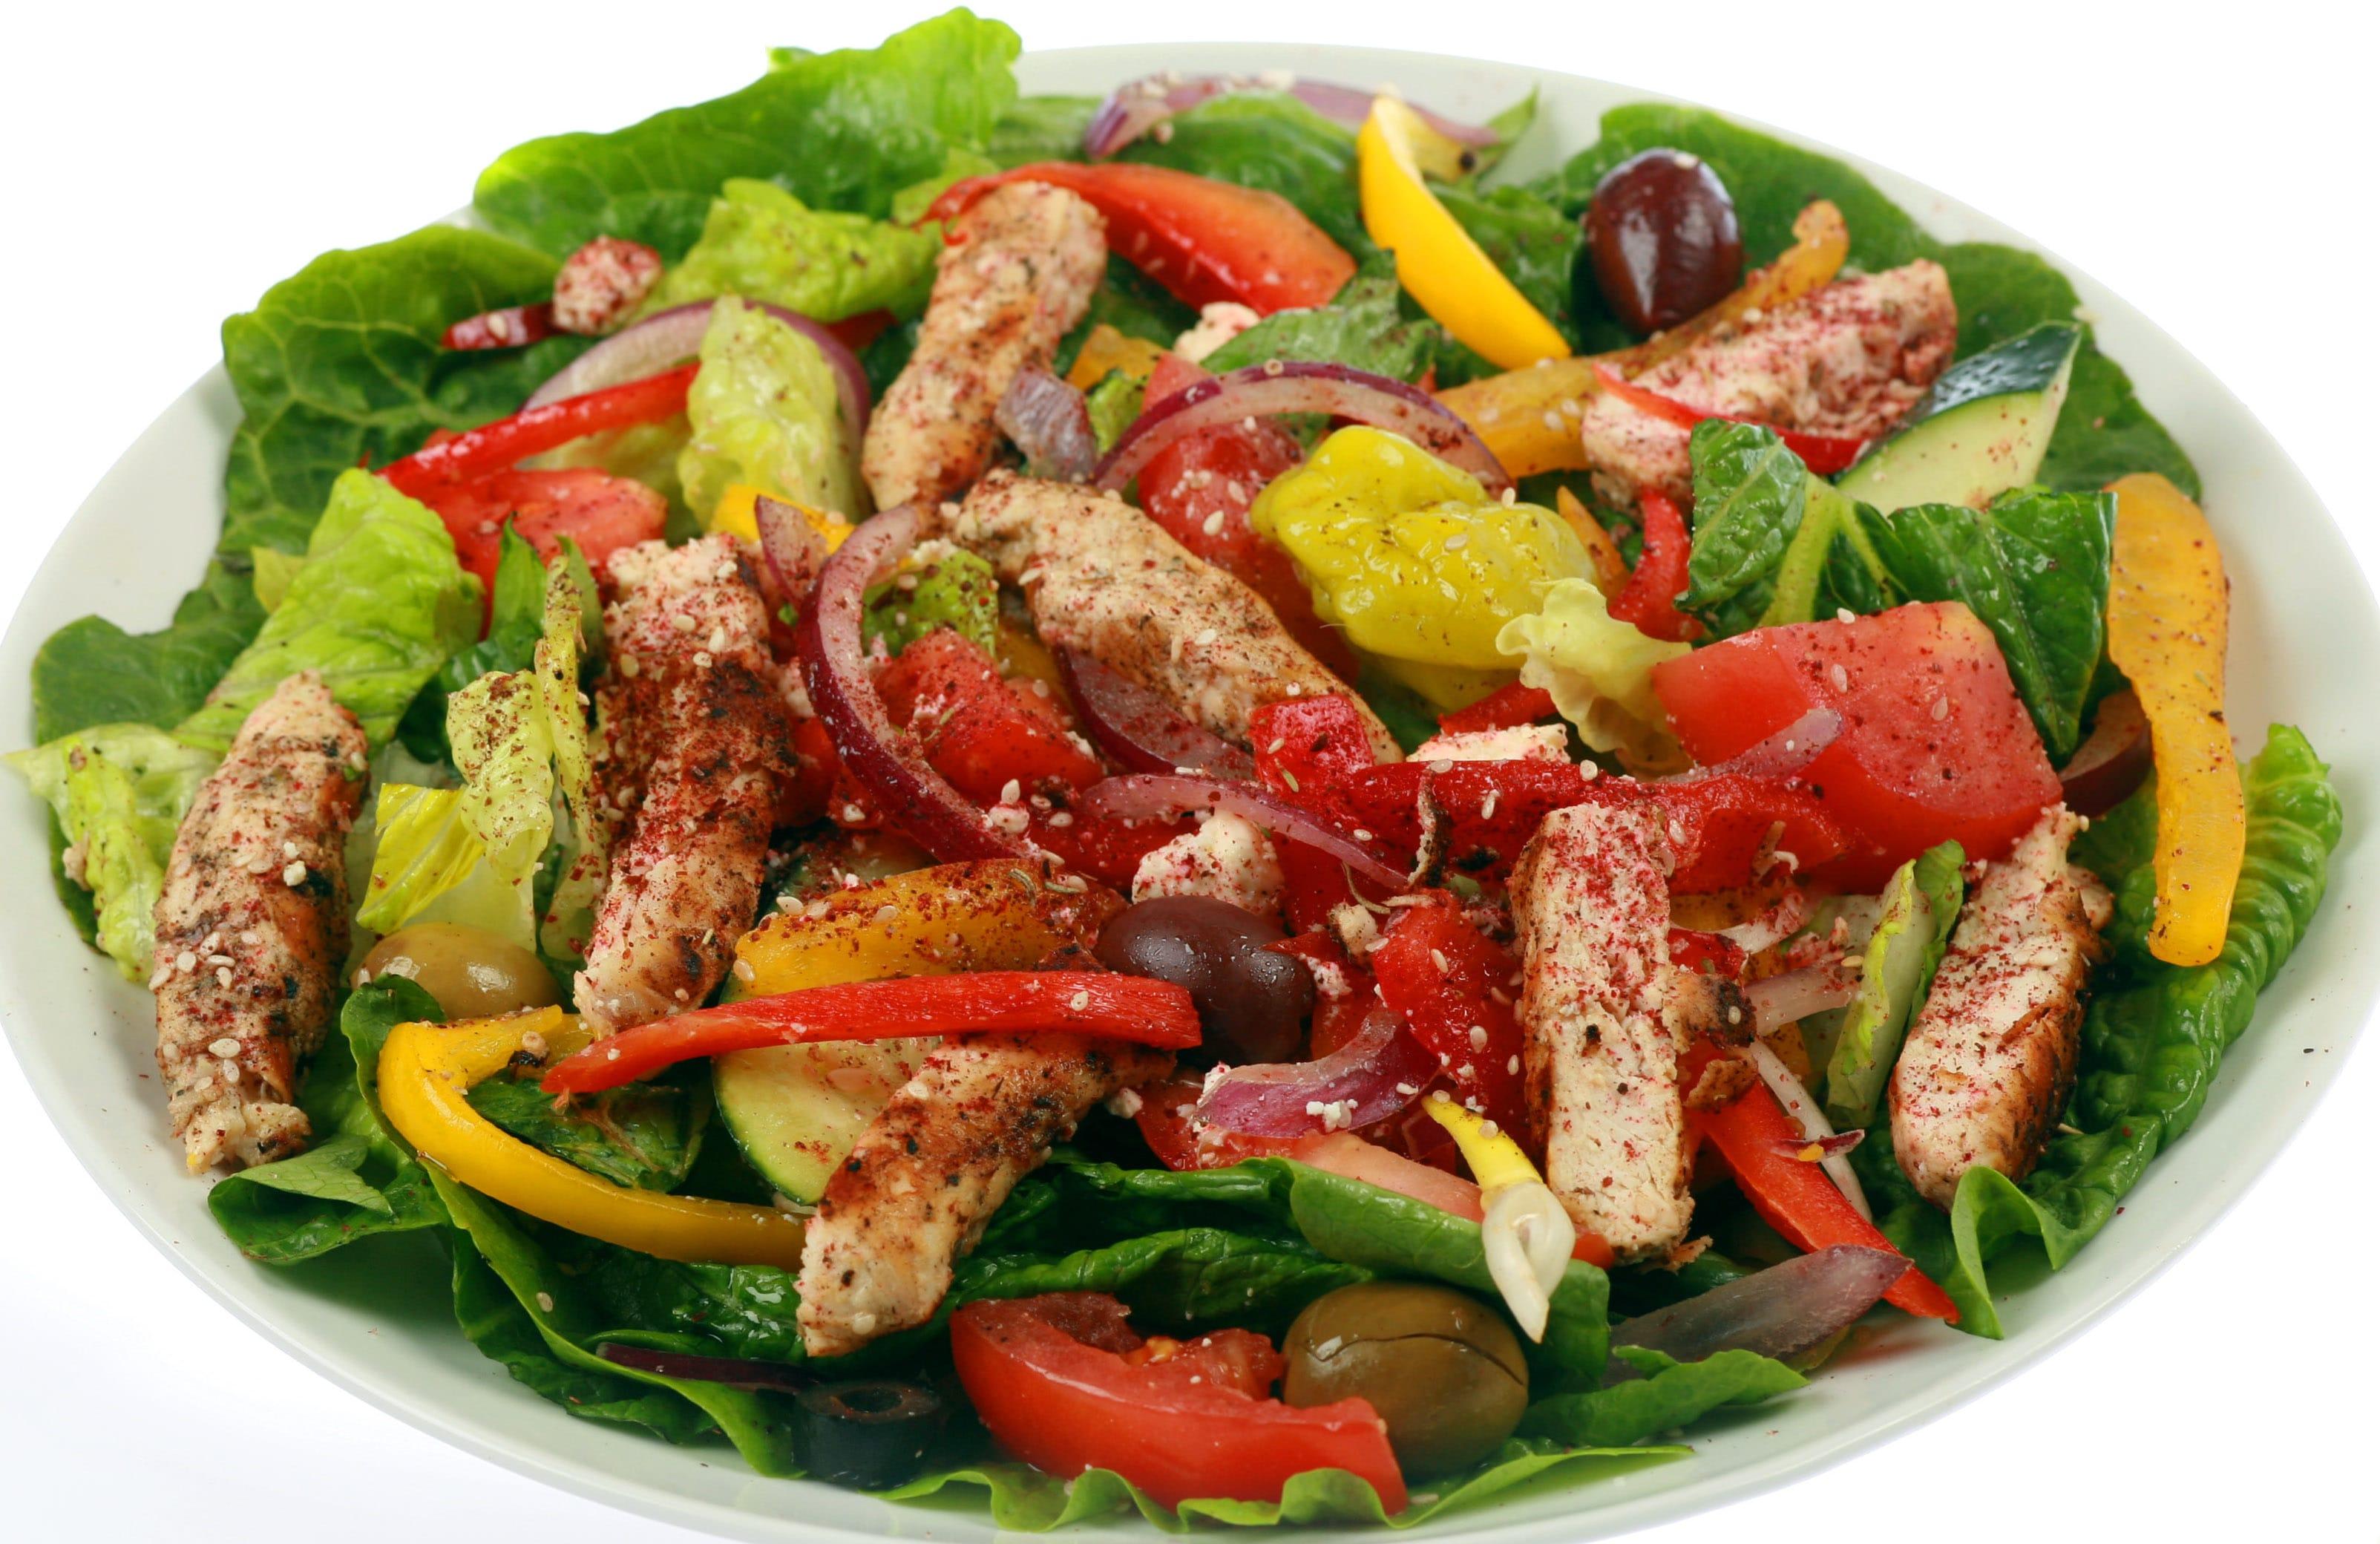 Greek salad with chicken at Mediterranean Cafe